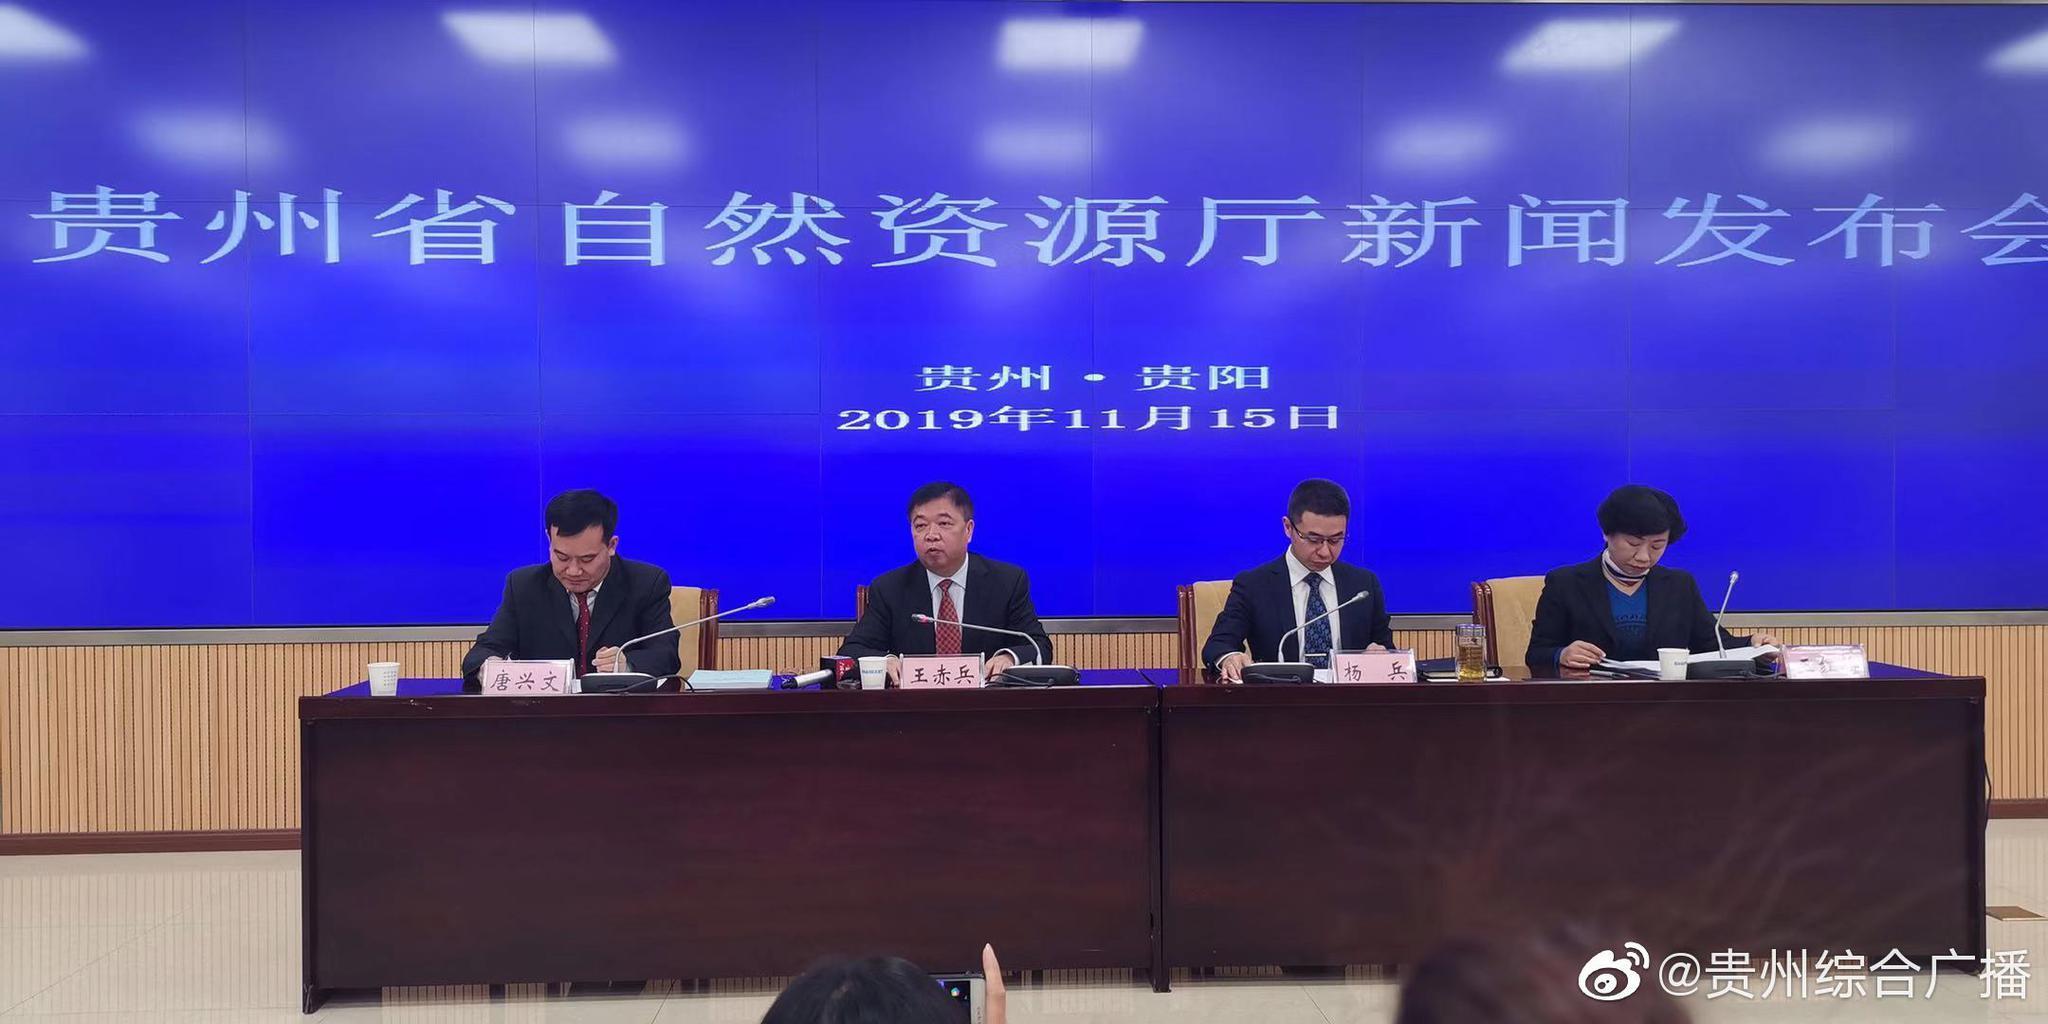 贵州:通过竞争性出让,485个矿山实现出让收益